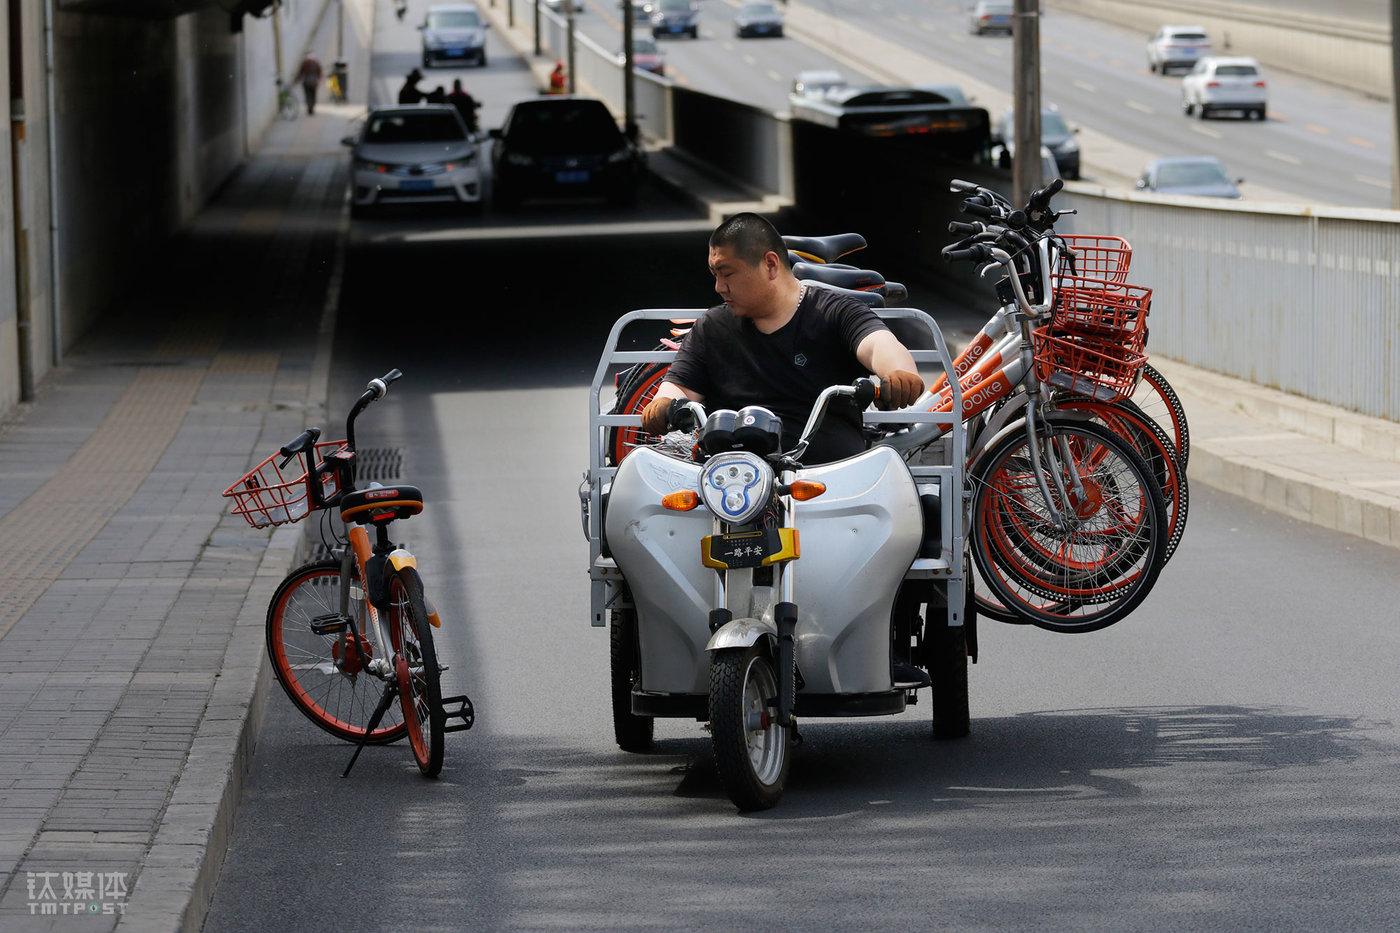 早高峰过去,大强被安排到朝阳北路,在这里收集被骑行者散乱停放的单车,并把它们运送到附近地铁站。